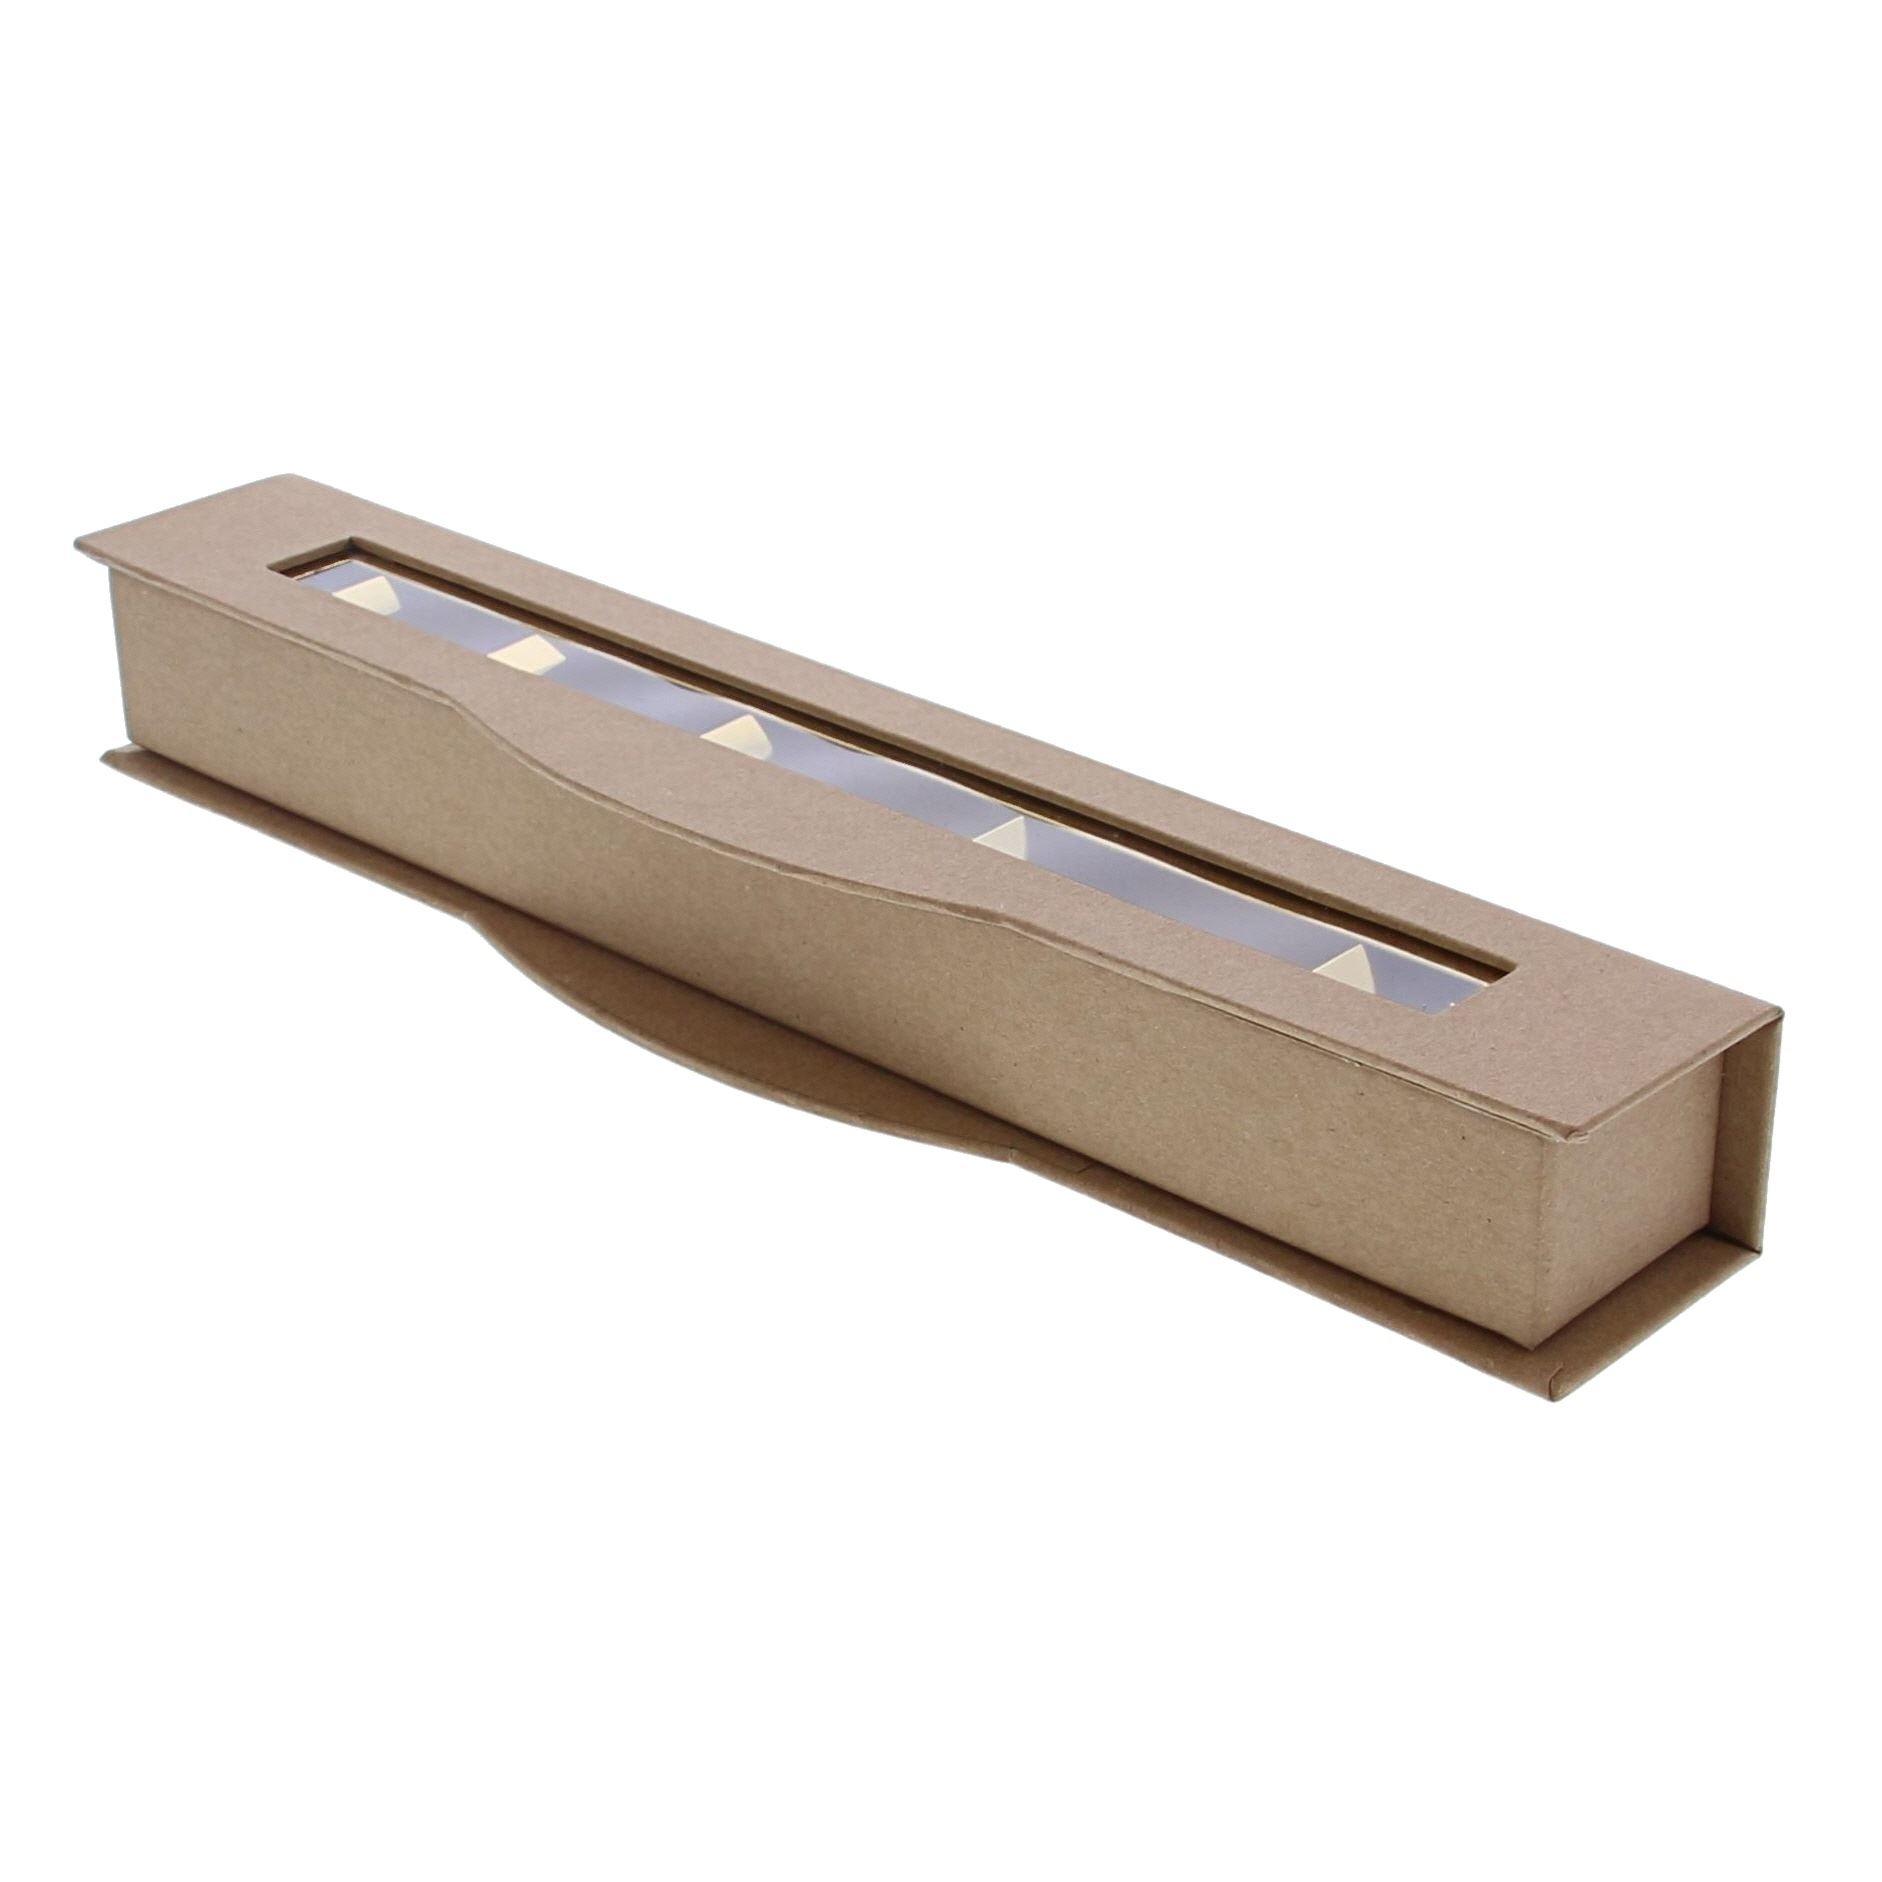 Klare Fenster schachtel 6 pralines Kraft - 285 *55*40  mm - 20 Stück